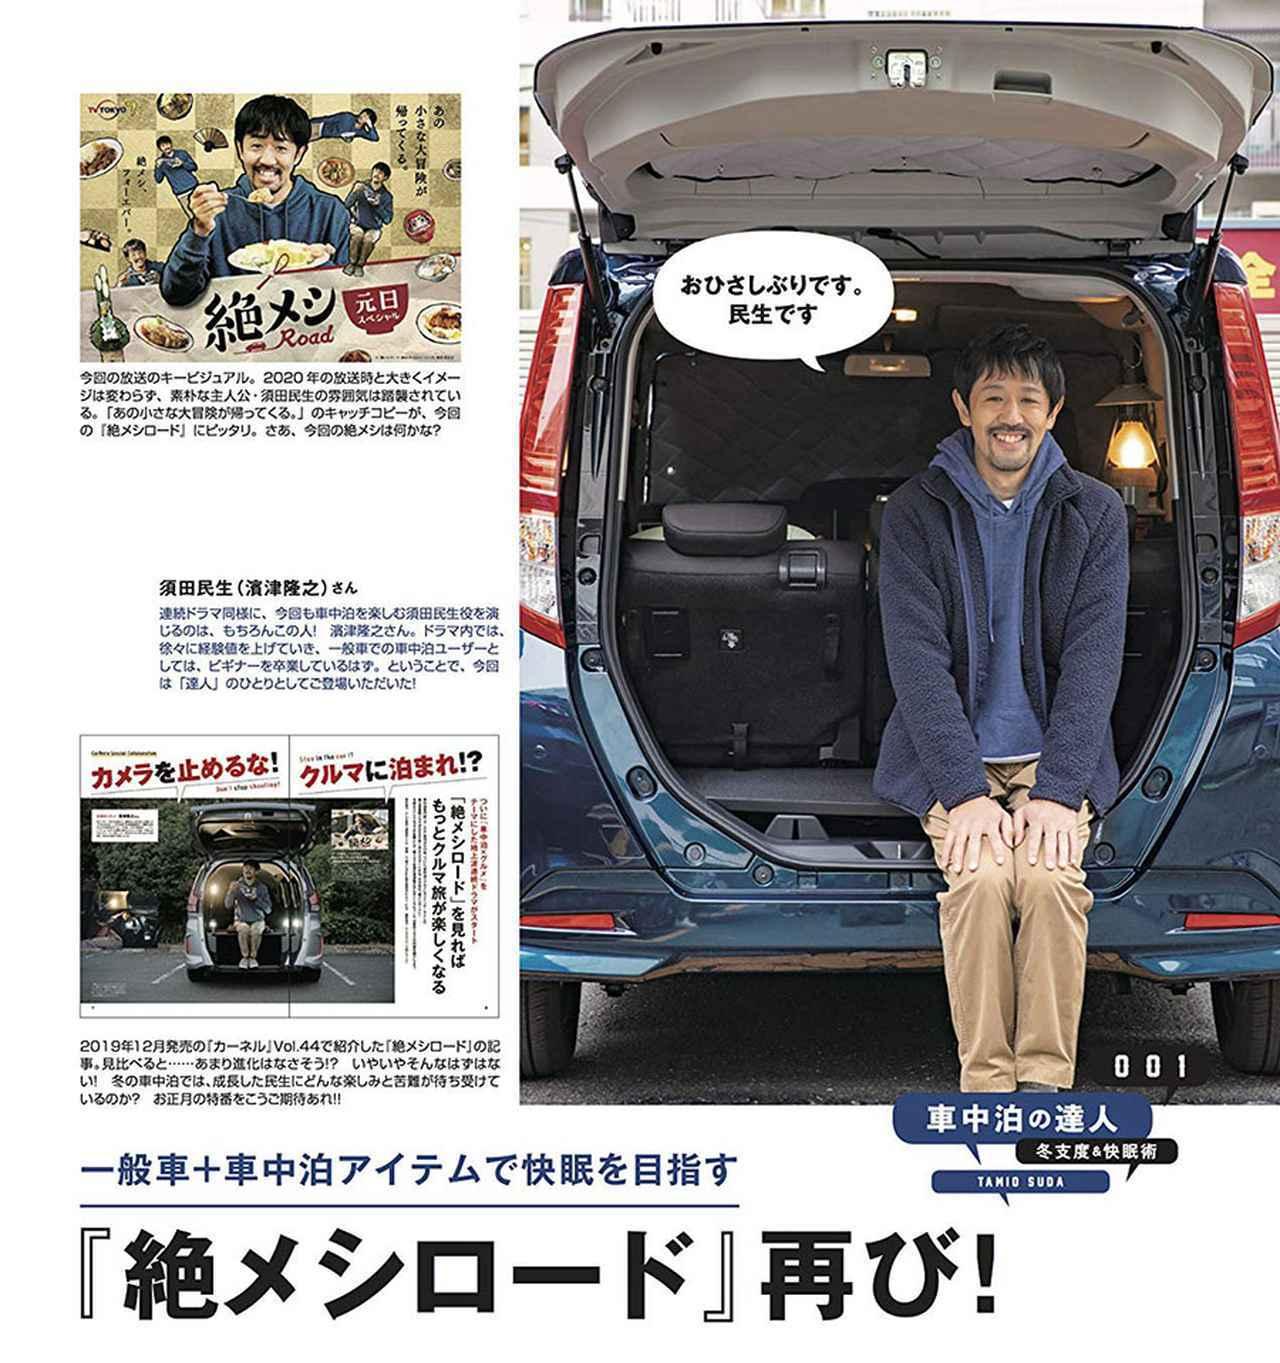 画像6: 総力特集は「車中泊の達人 冬支度&快眠術」